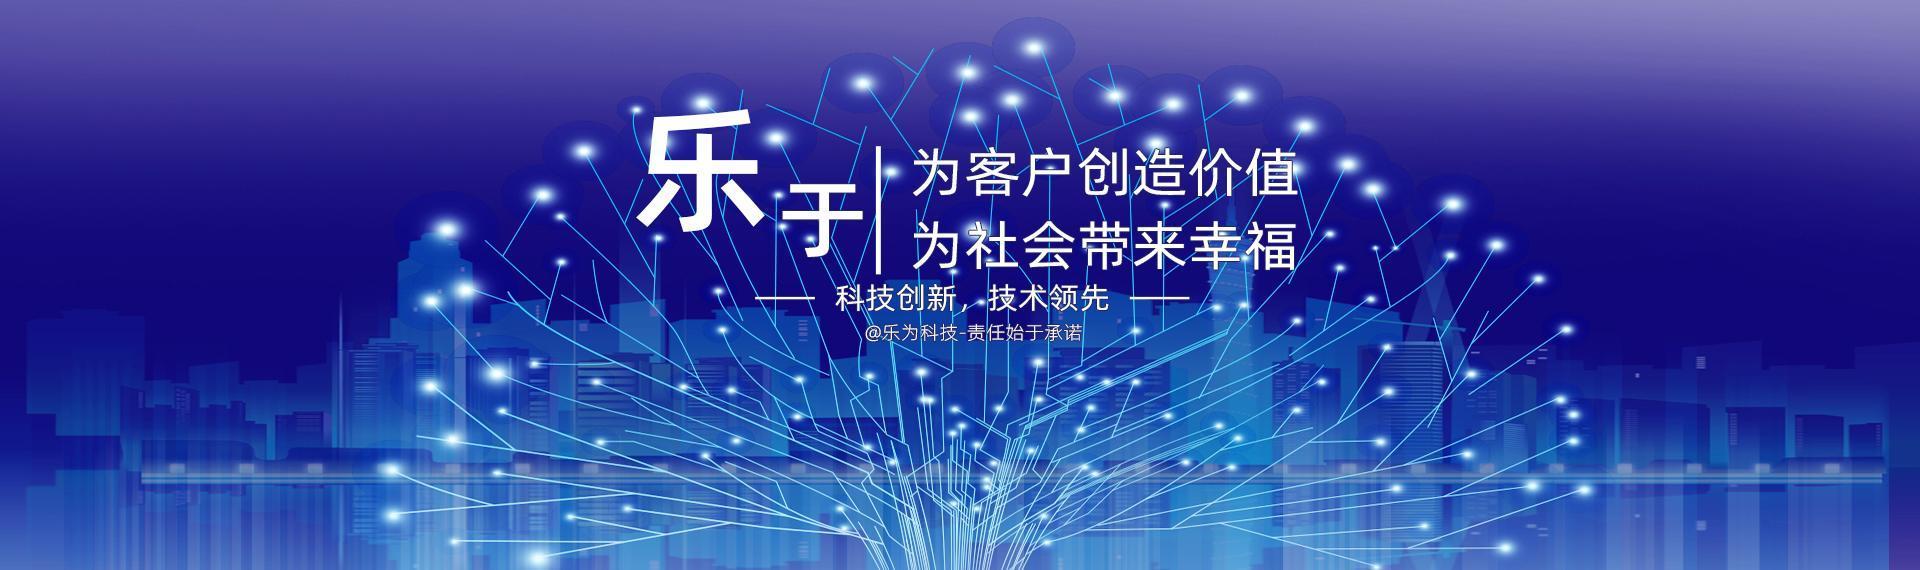 乐为科技亮相天翼智能生态博览会